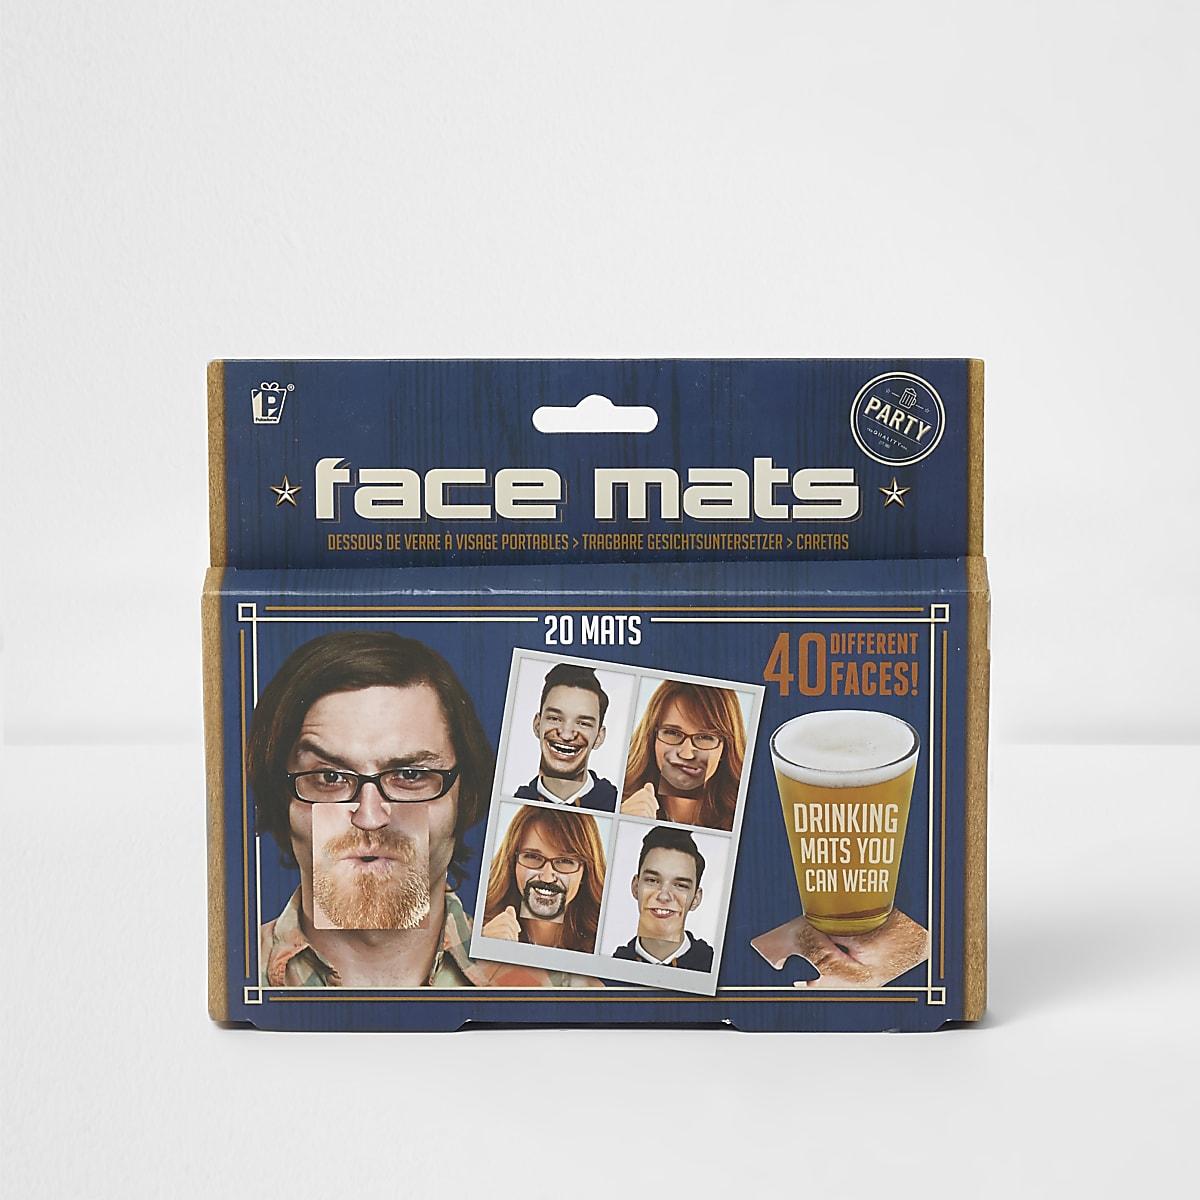 Dessous de verre visages